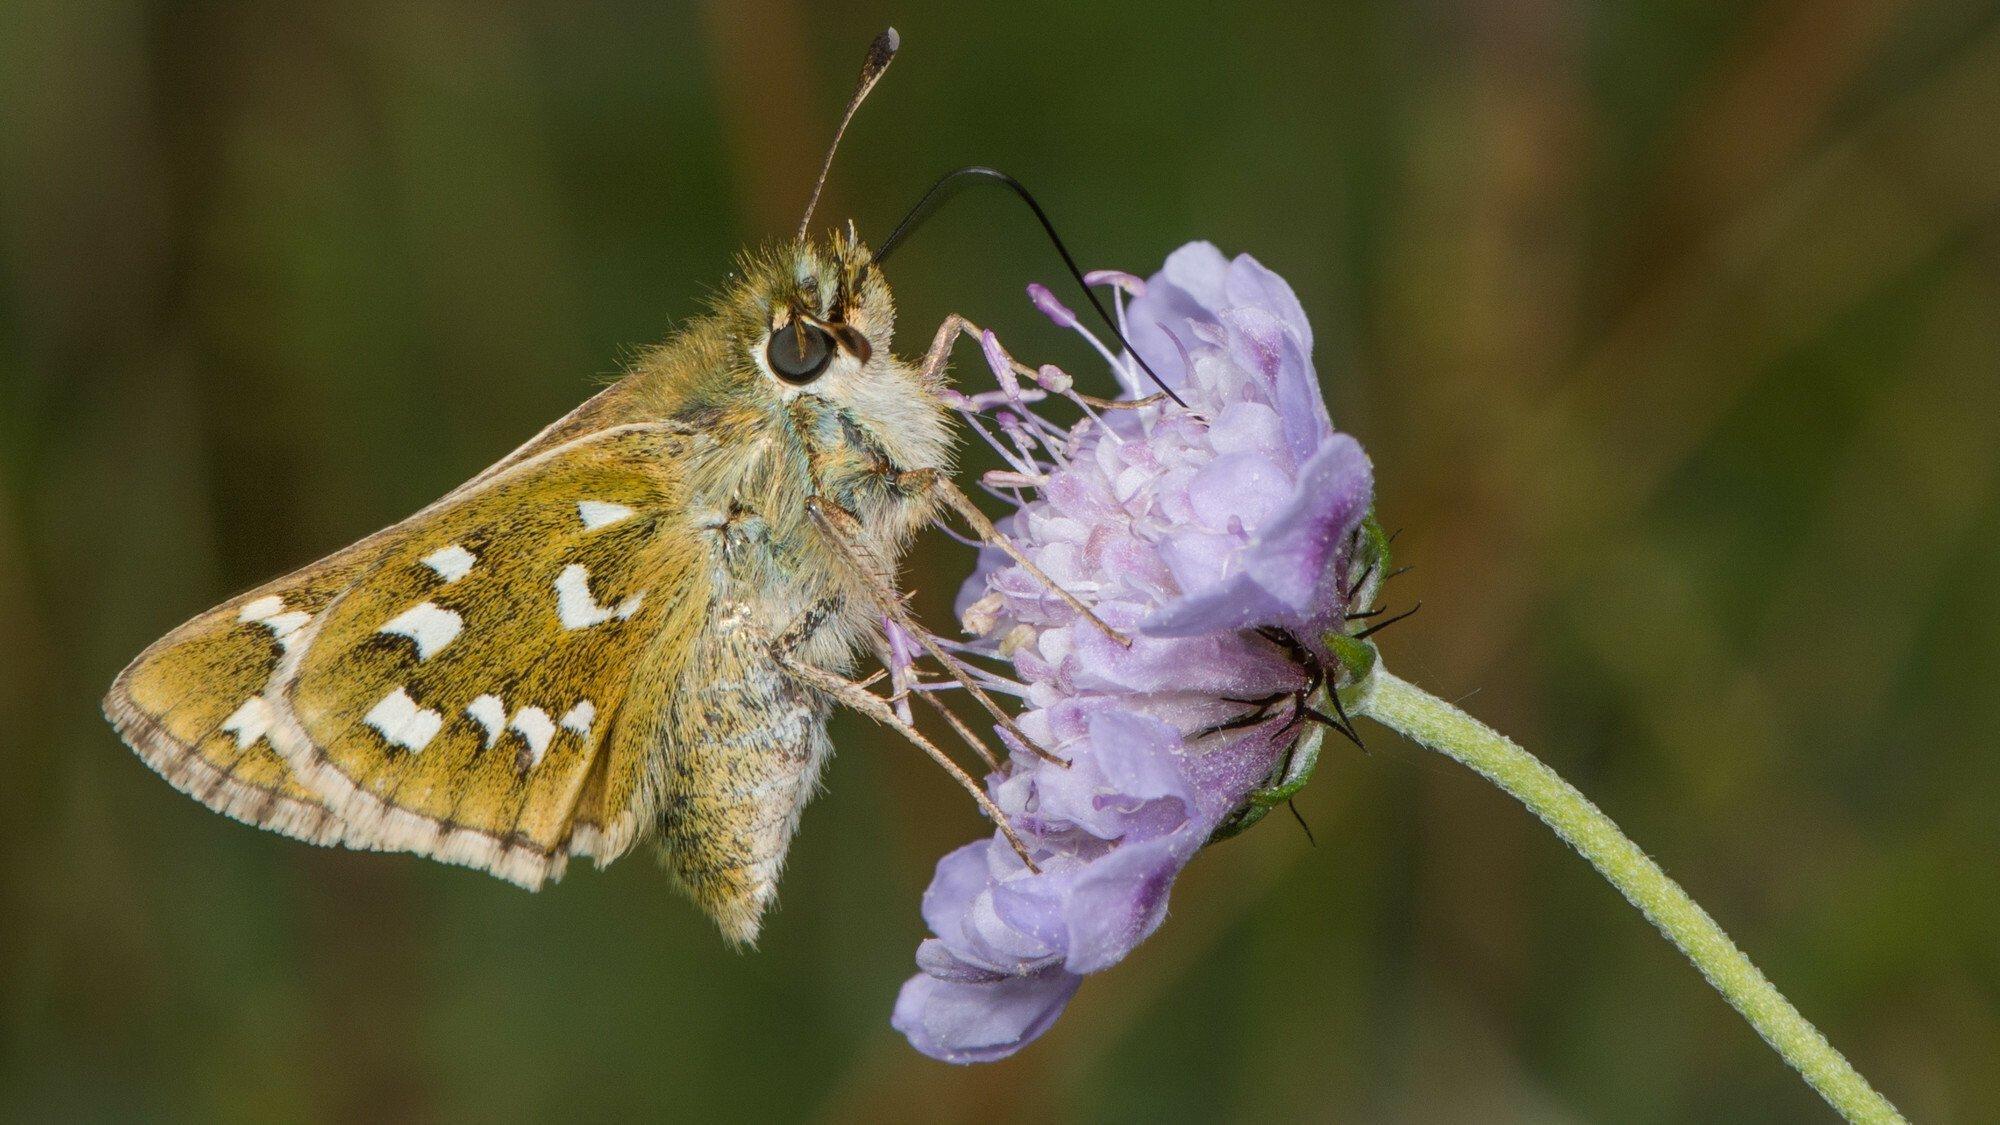 Ein ockerfarbener Falter mit weißen Flecken auf den Flügeln sitzt seitlich auf einer hell-violetten Blüte.